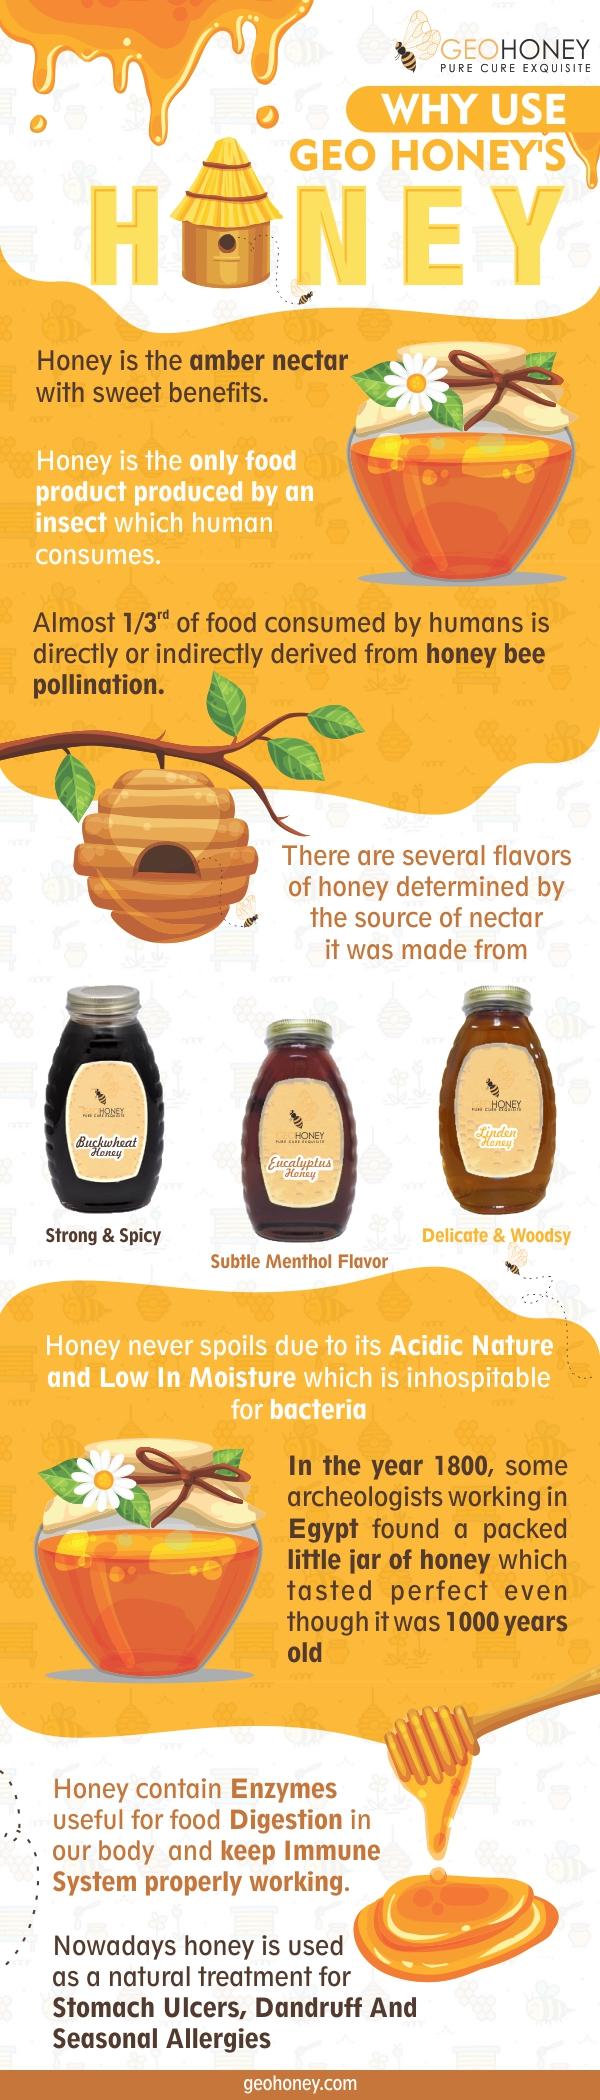 Geohoney's Raw honey